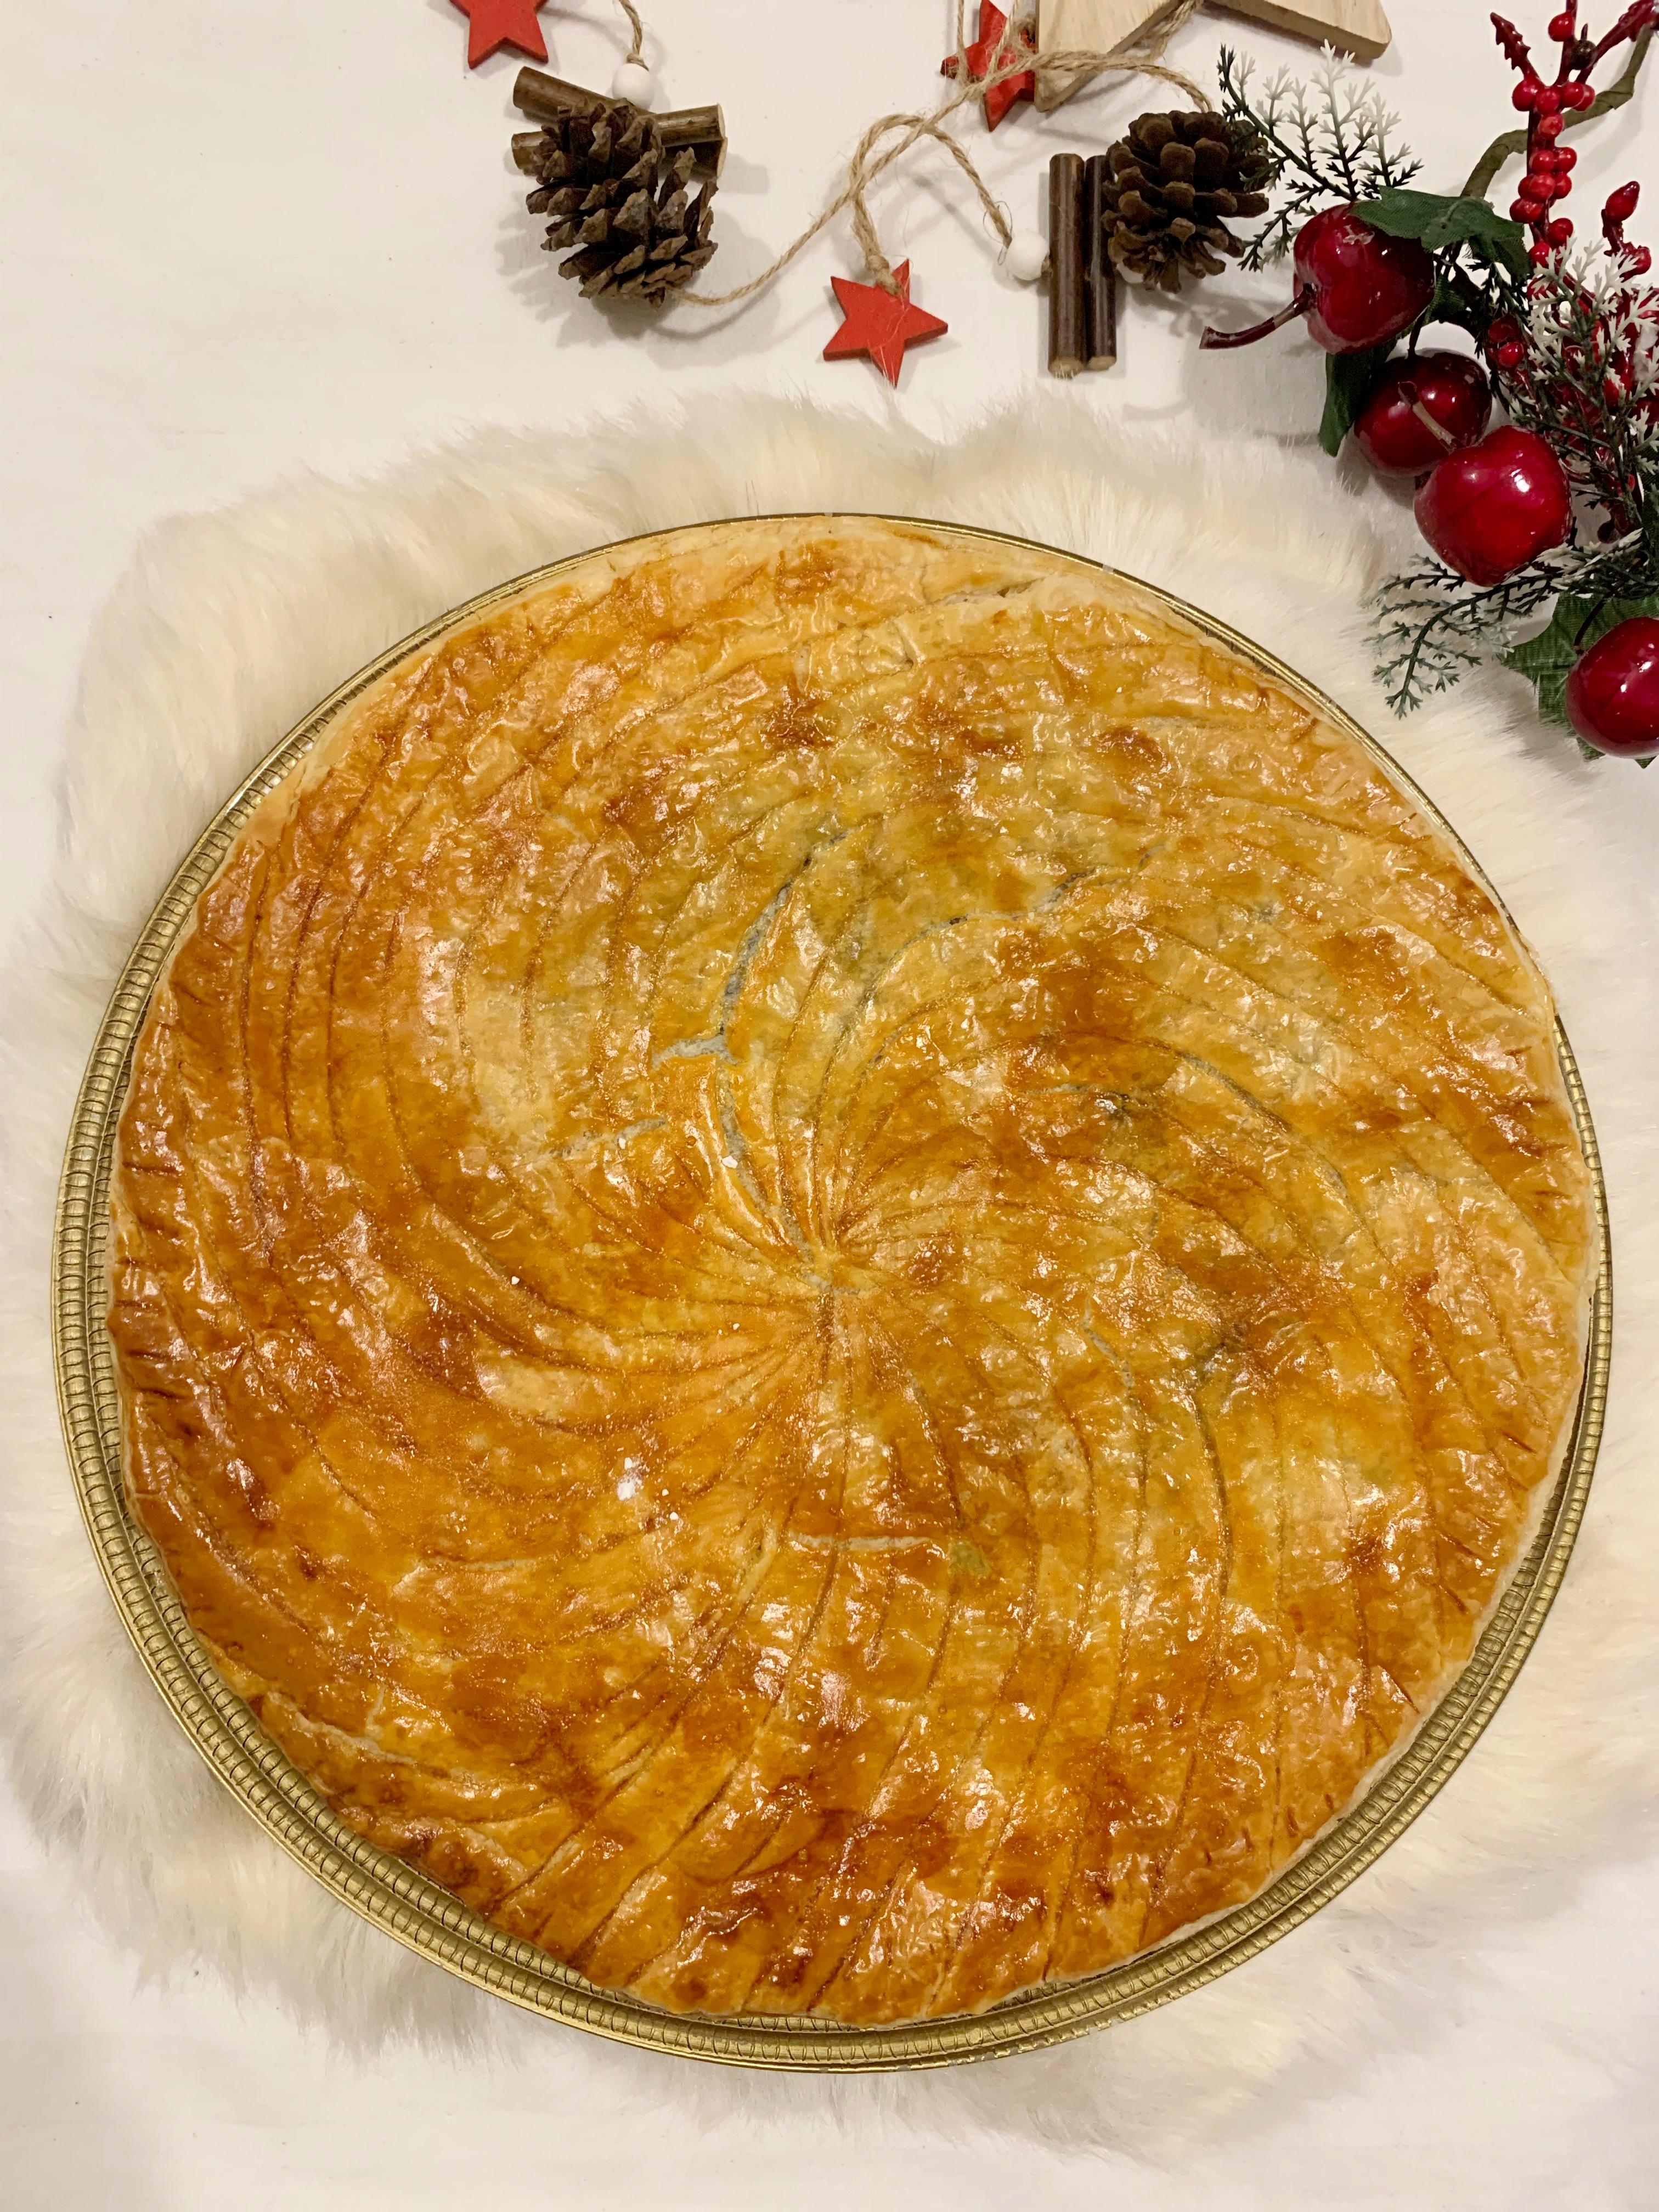 La Galette de Rois è un dolce francese che si prepara per l'epifania super goloso!